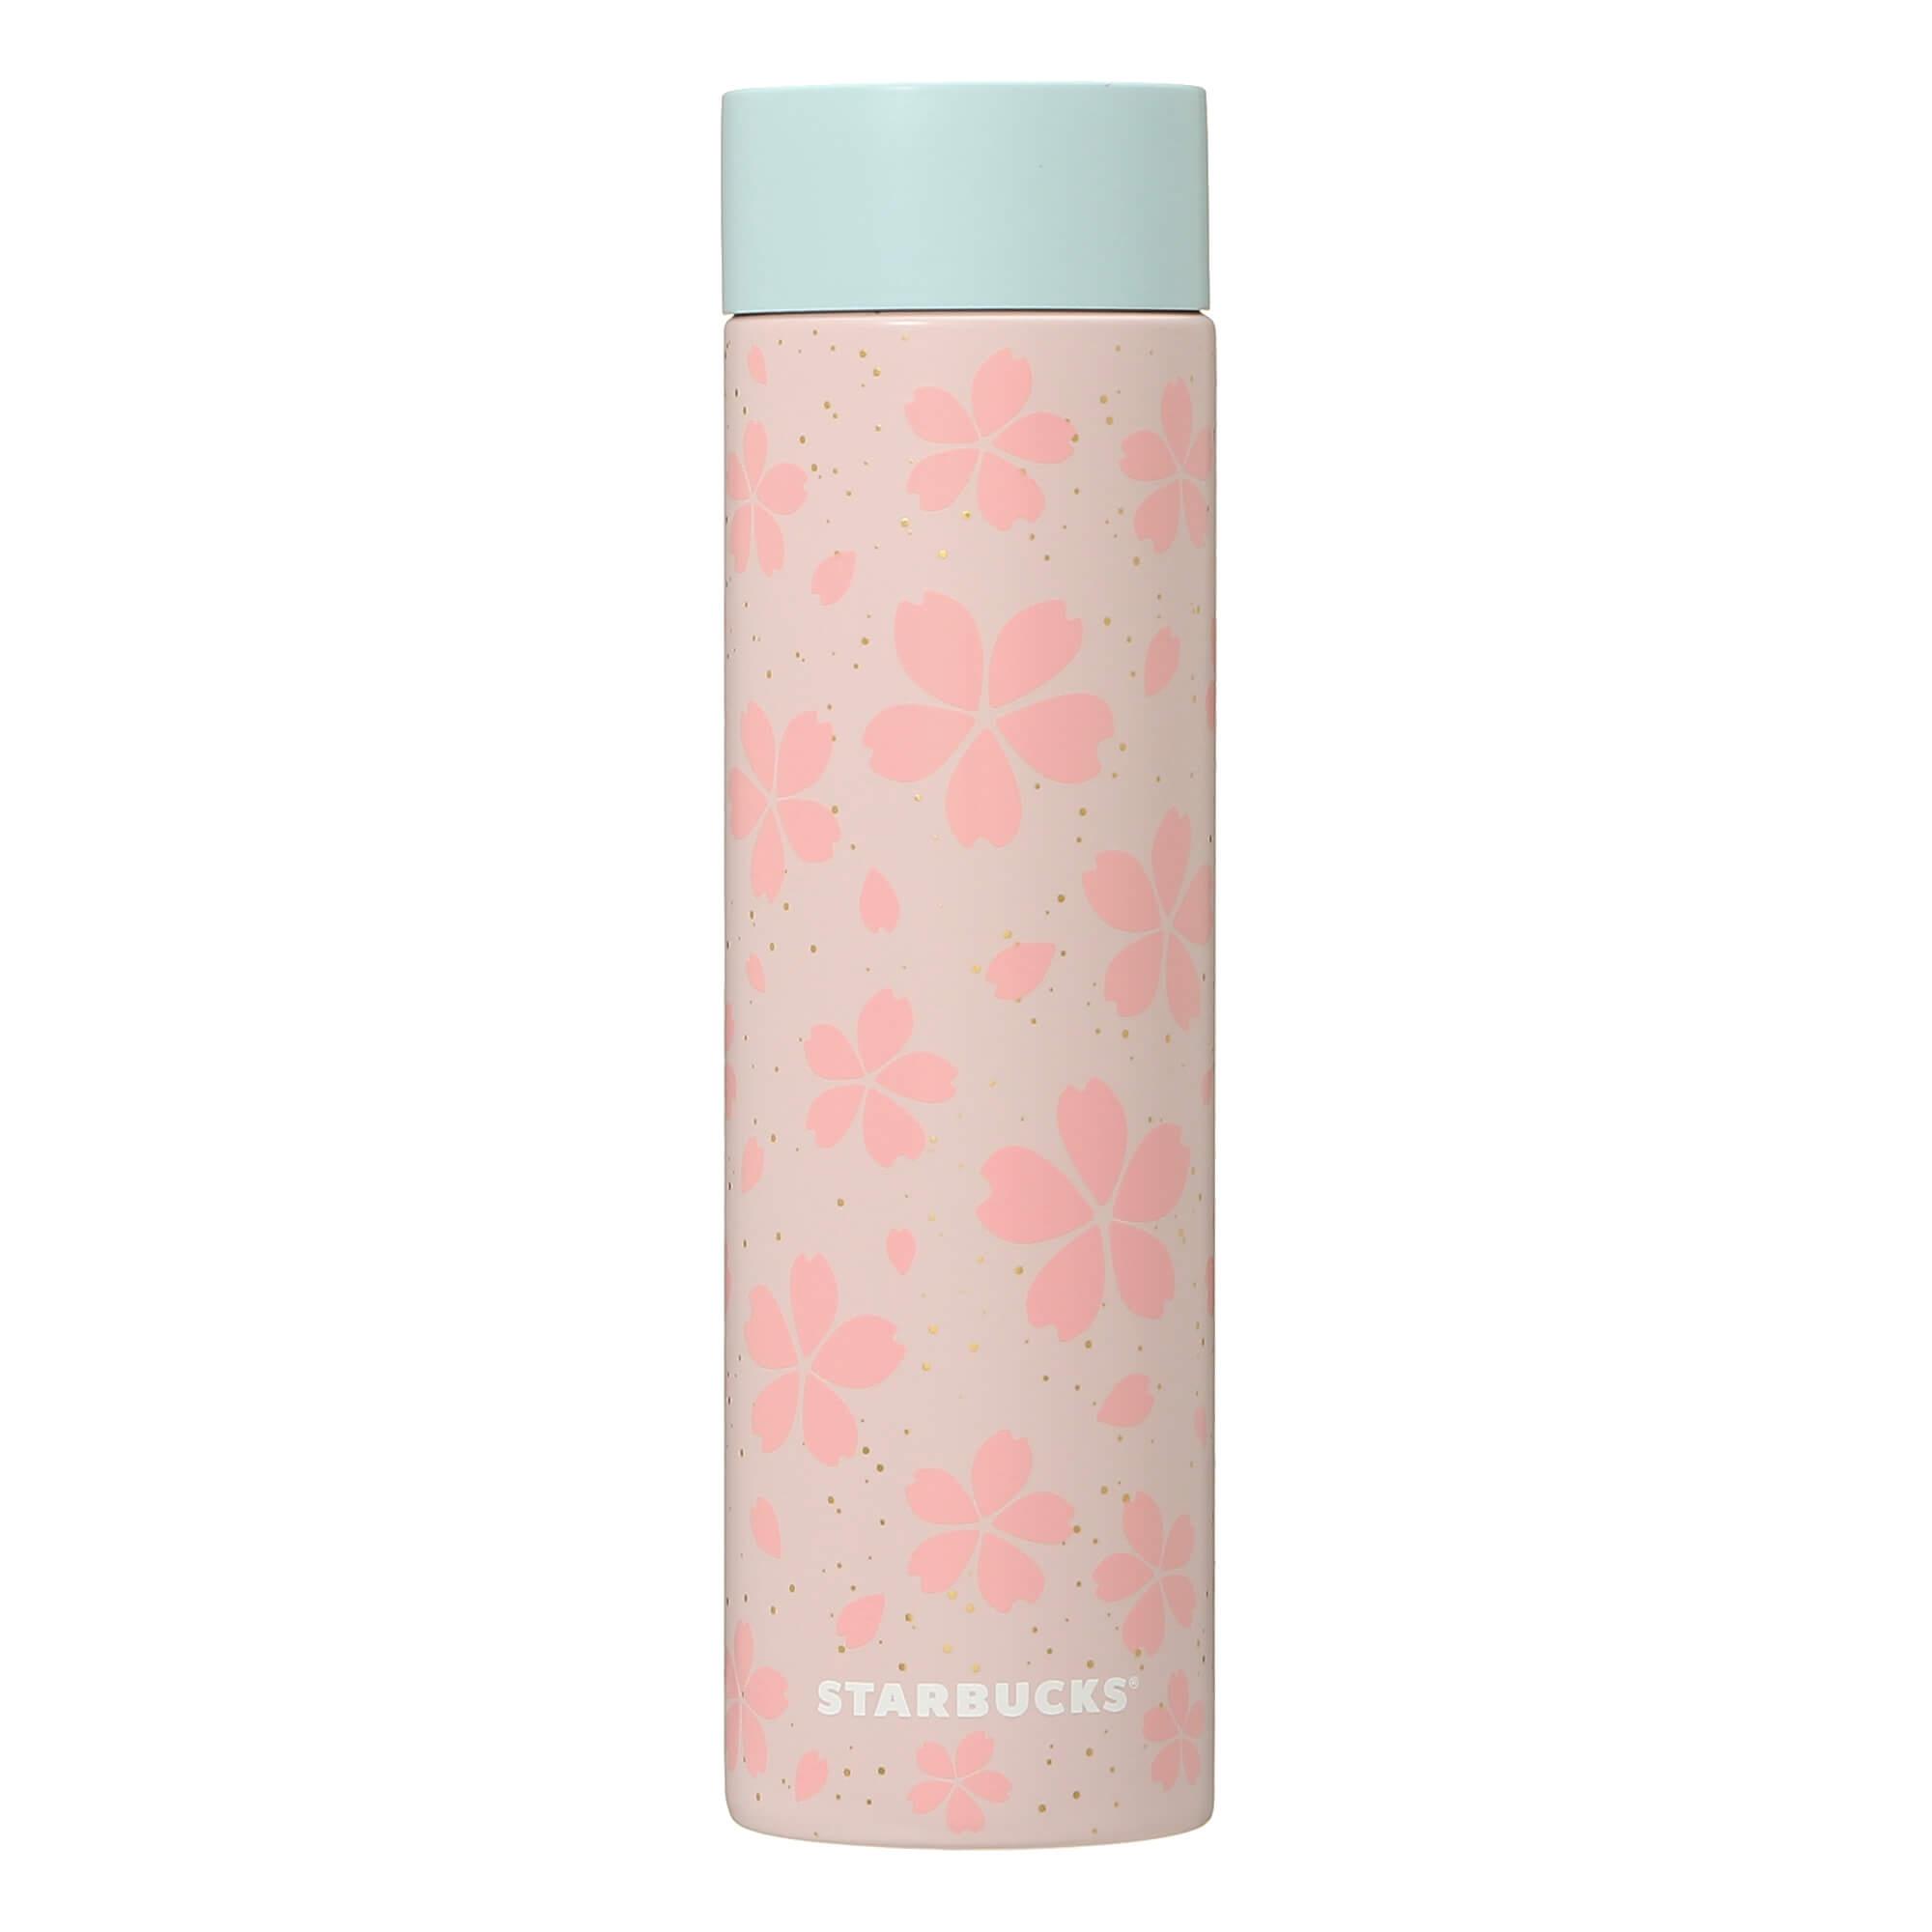 Starbucks Japan Sakura 2021 Stainless Bottle Gloss Flowers